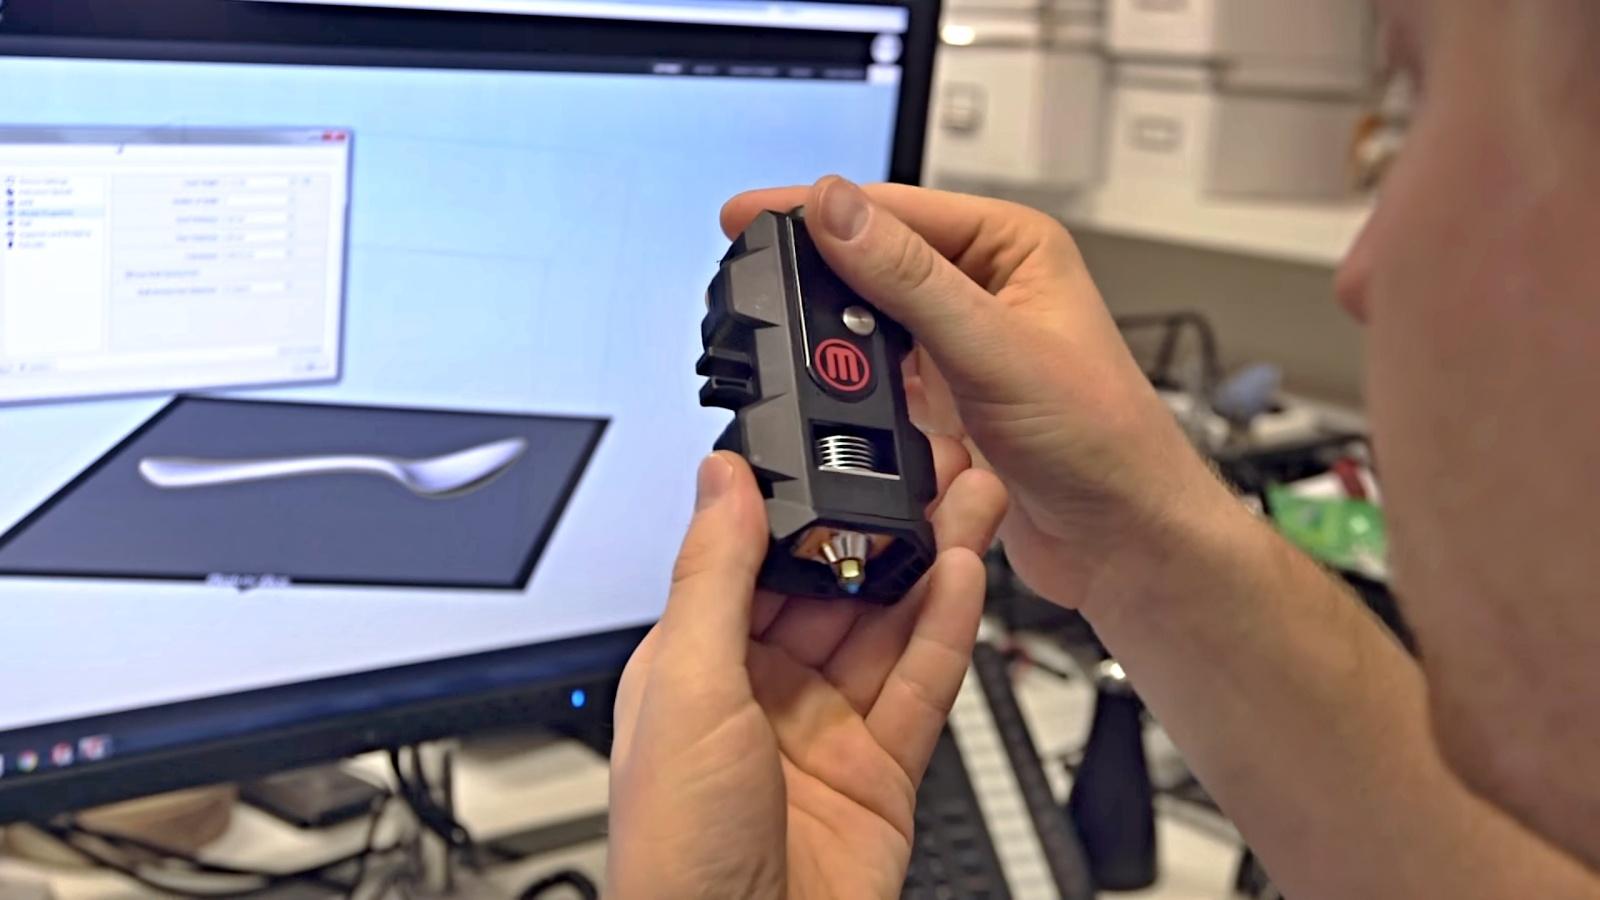 Novinky z CES 2016: MakerBot uvádí spolehlivější Smart Extruder+